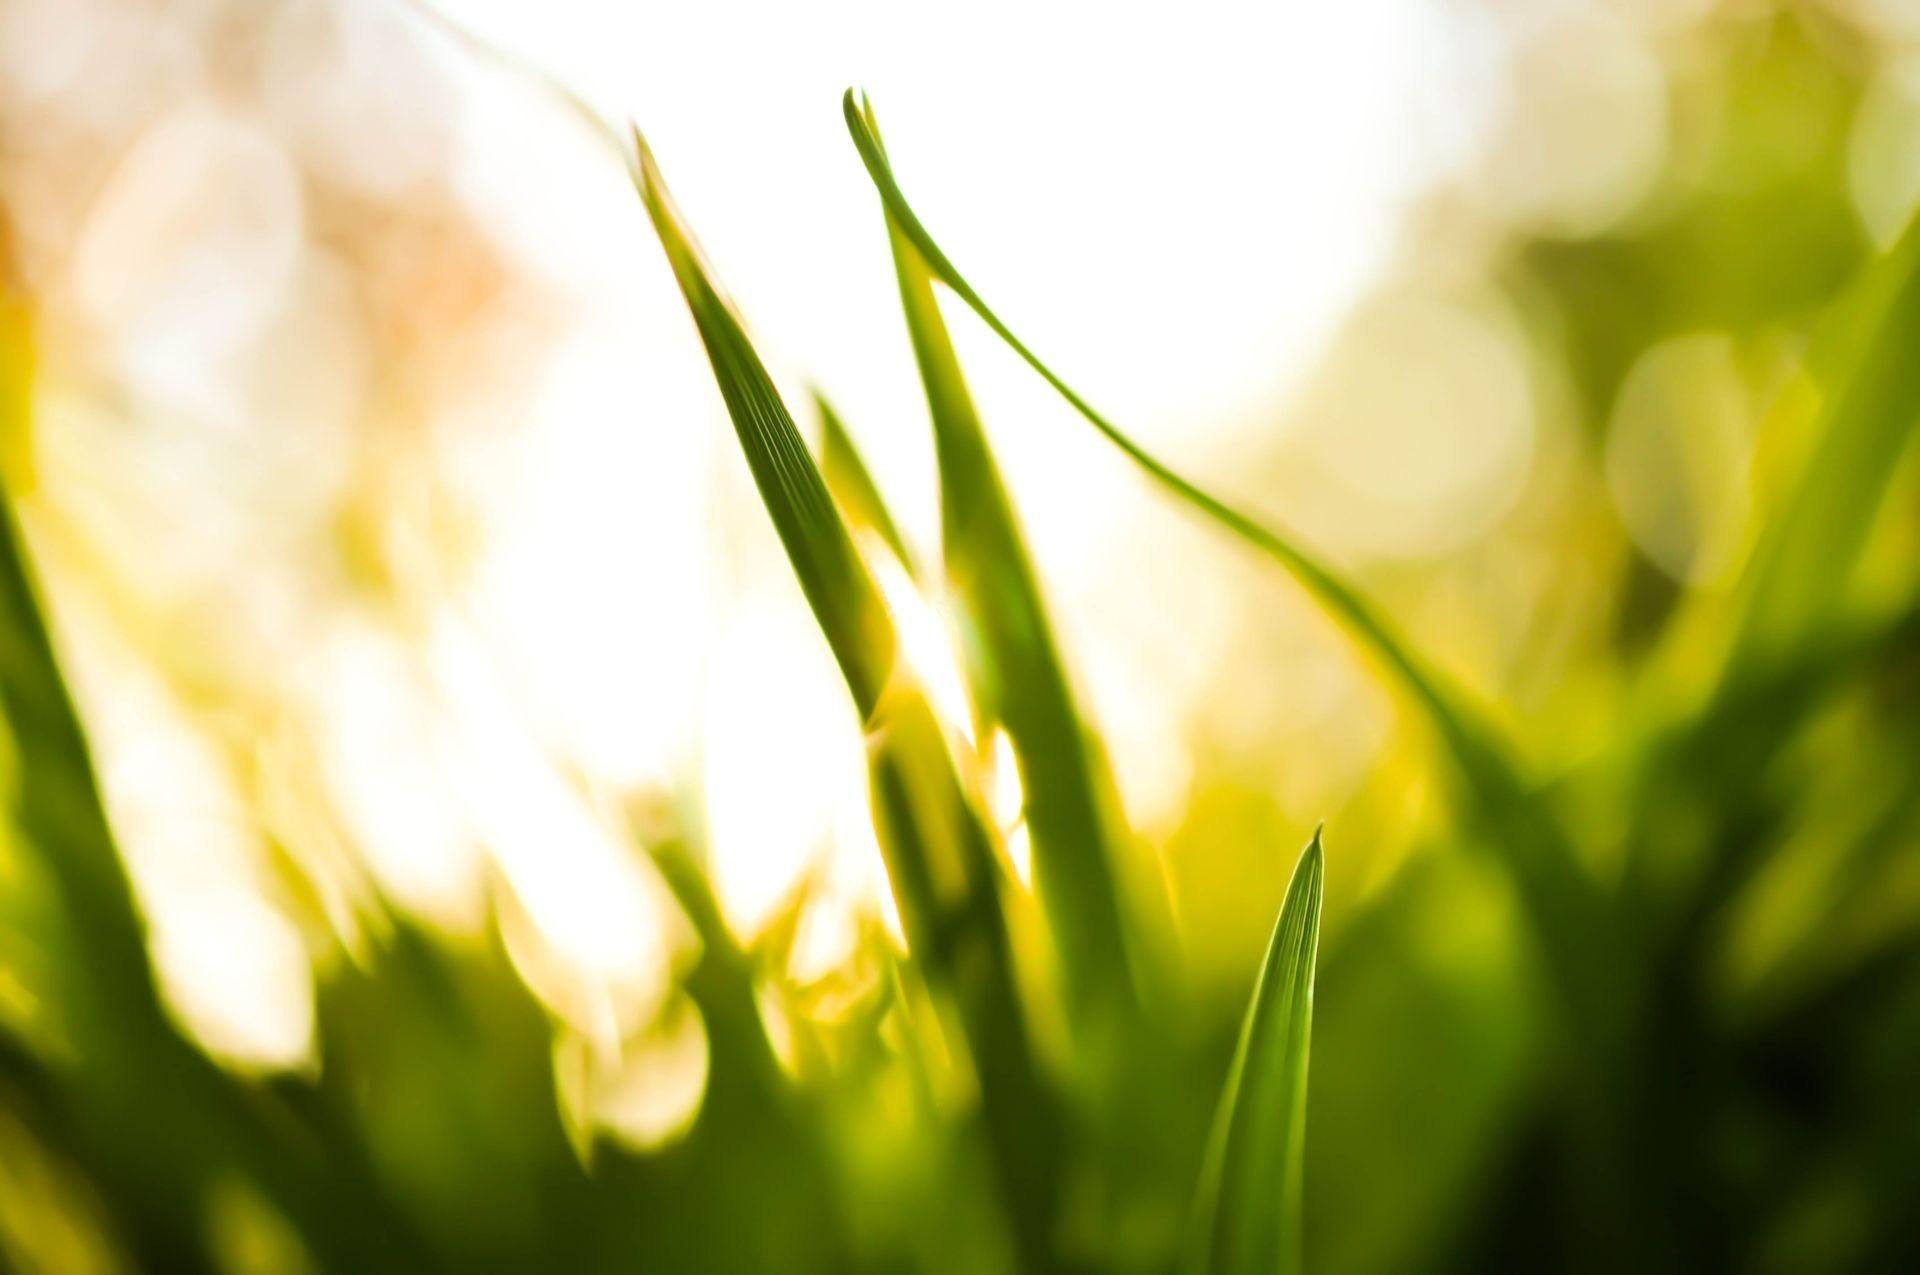 sunlight wallpaper grass